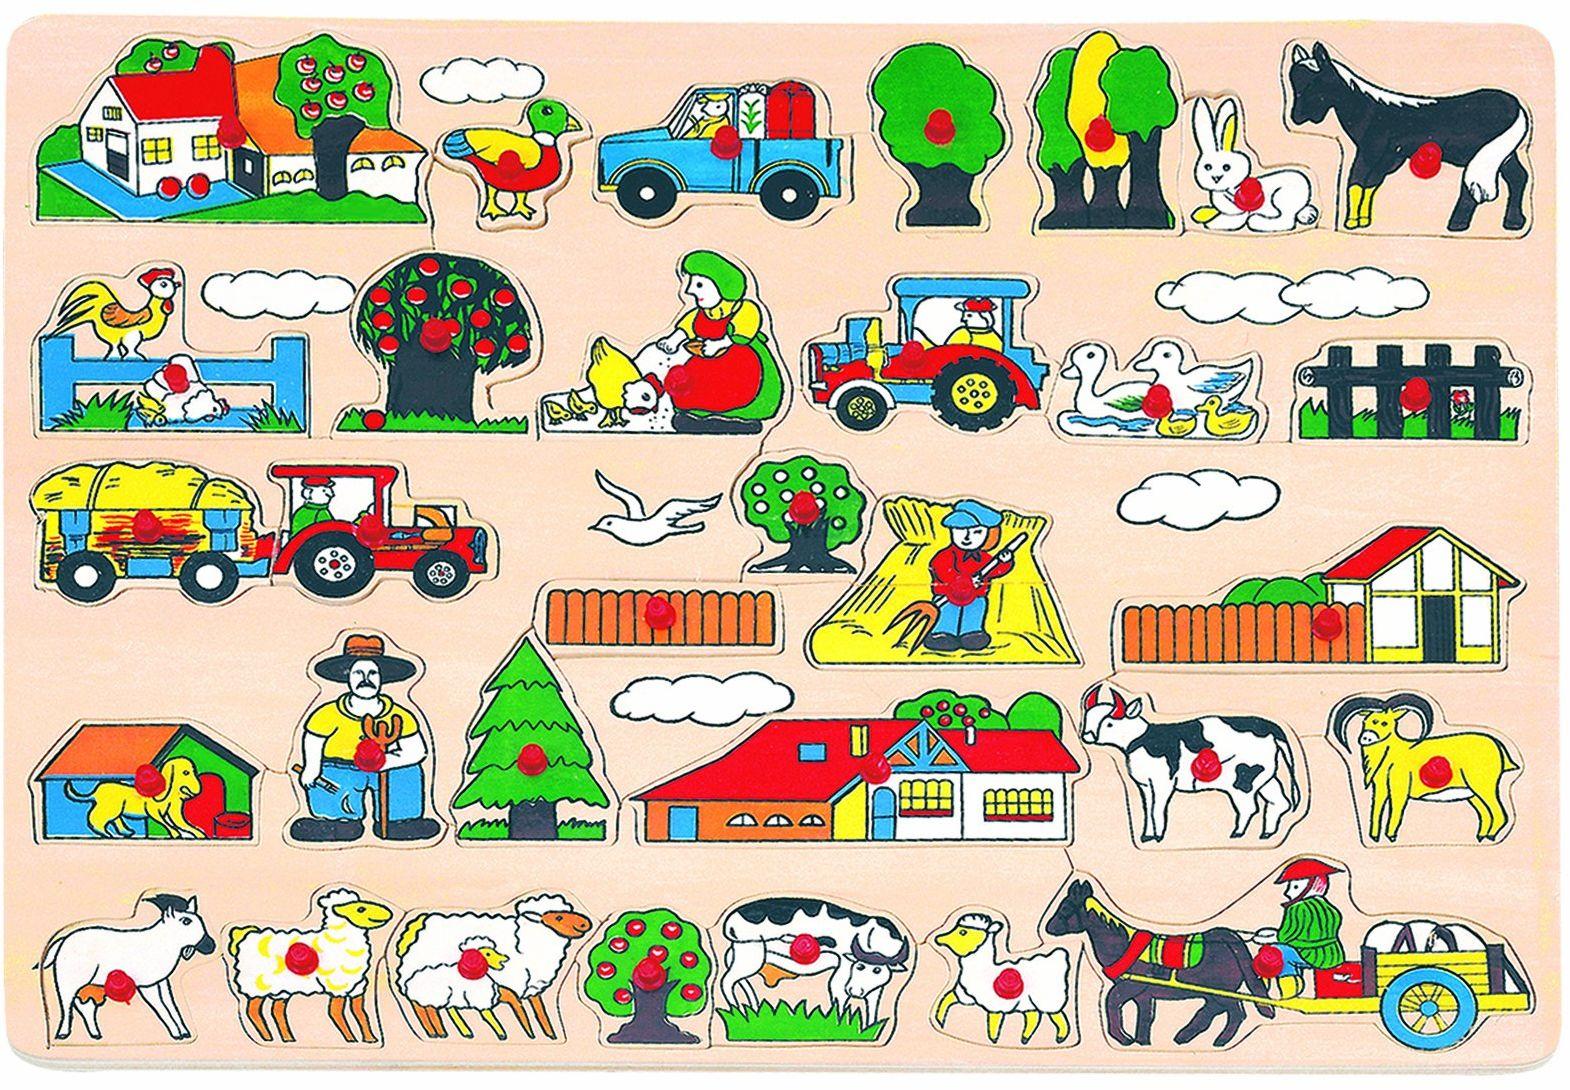 Bino 88073 Puzzle z motywem zwierząt gospodarskich, 31 szt. Klasyczna zabawka dla dzieci od 36 miesięcy, rozwija umiejętności motoryczne. Rozmiar: 45 x 1,5 x 35 cm, wielokolorowa